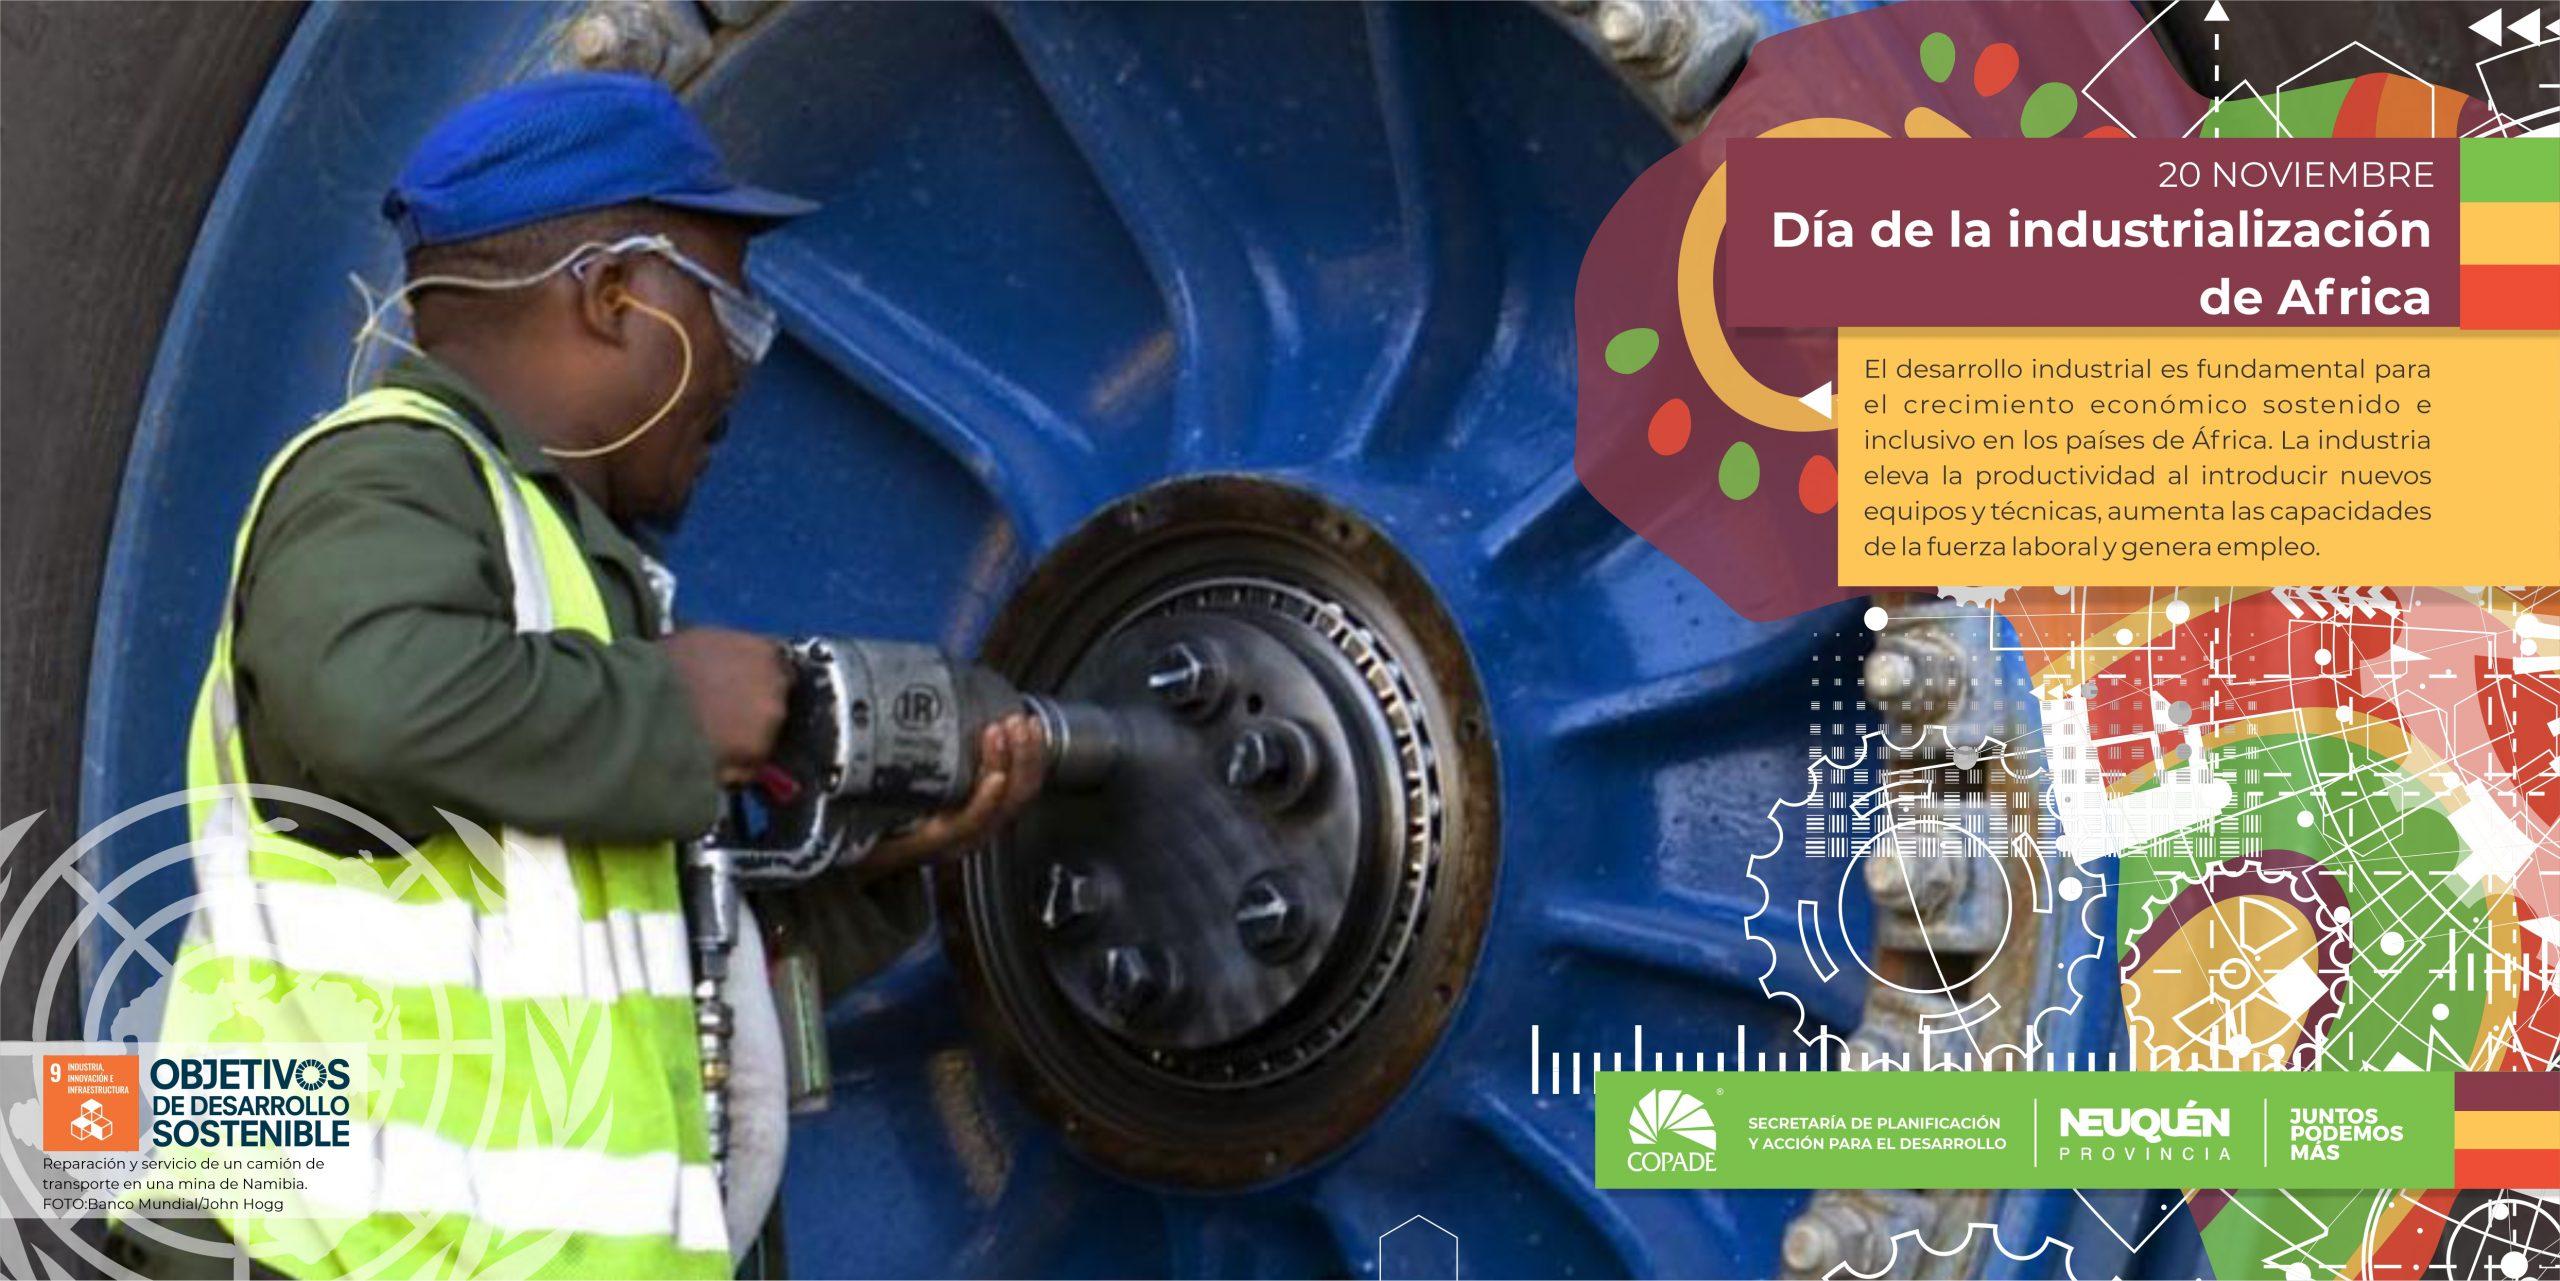 20 de Noviembre | Día de la industrialización de África